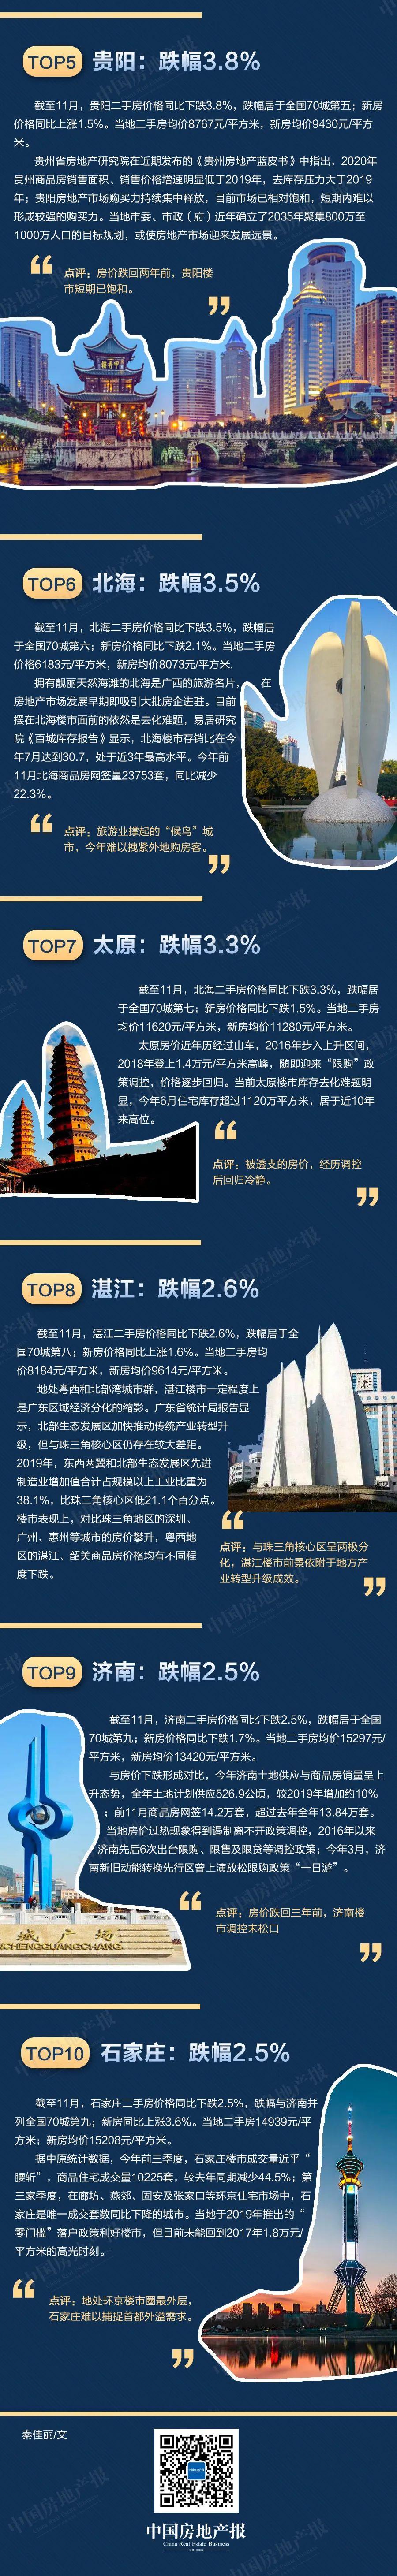 电银付小盟主(dianyinzhifu.com):天下十大房价跌幅都会:环京圈2个都会上榜,有的跌回三年前 第2张